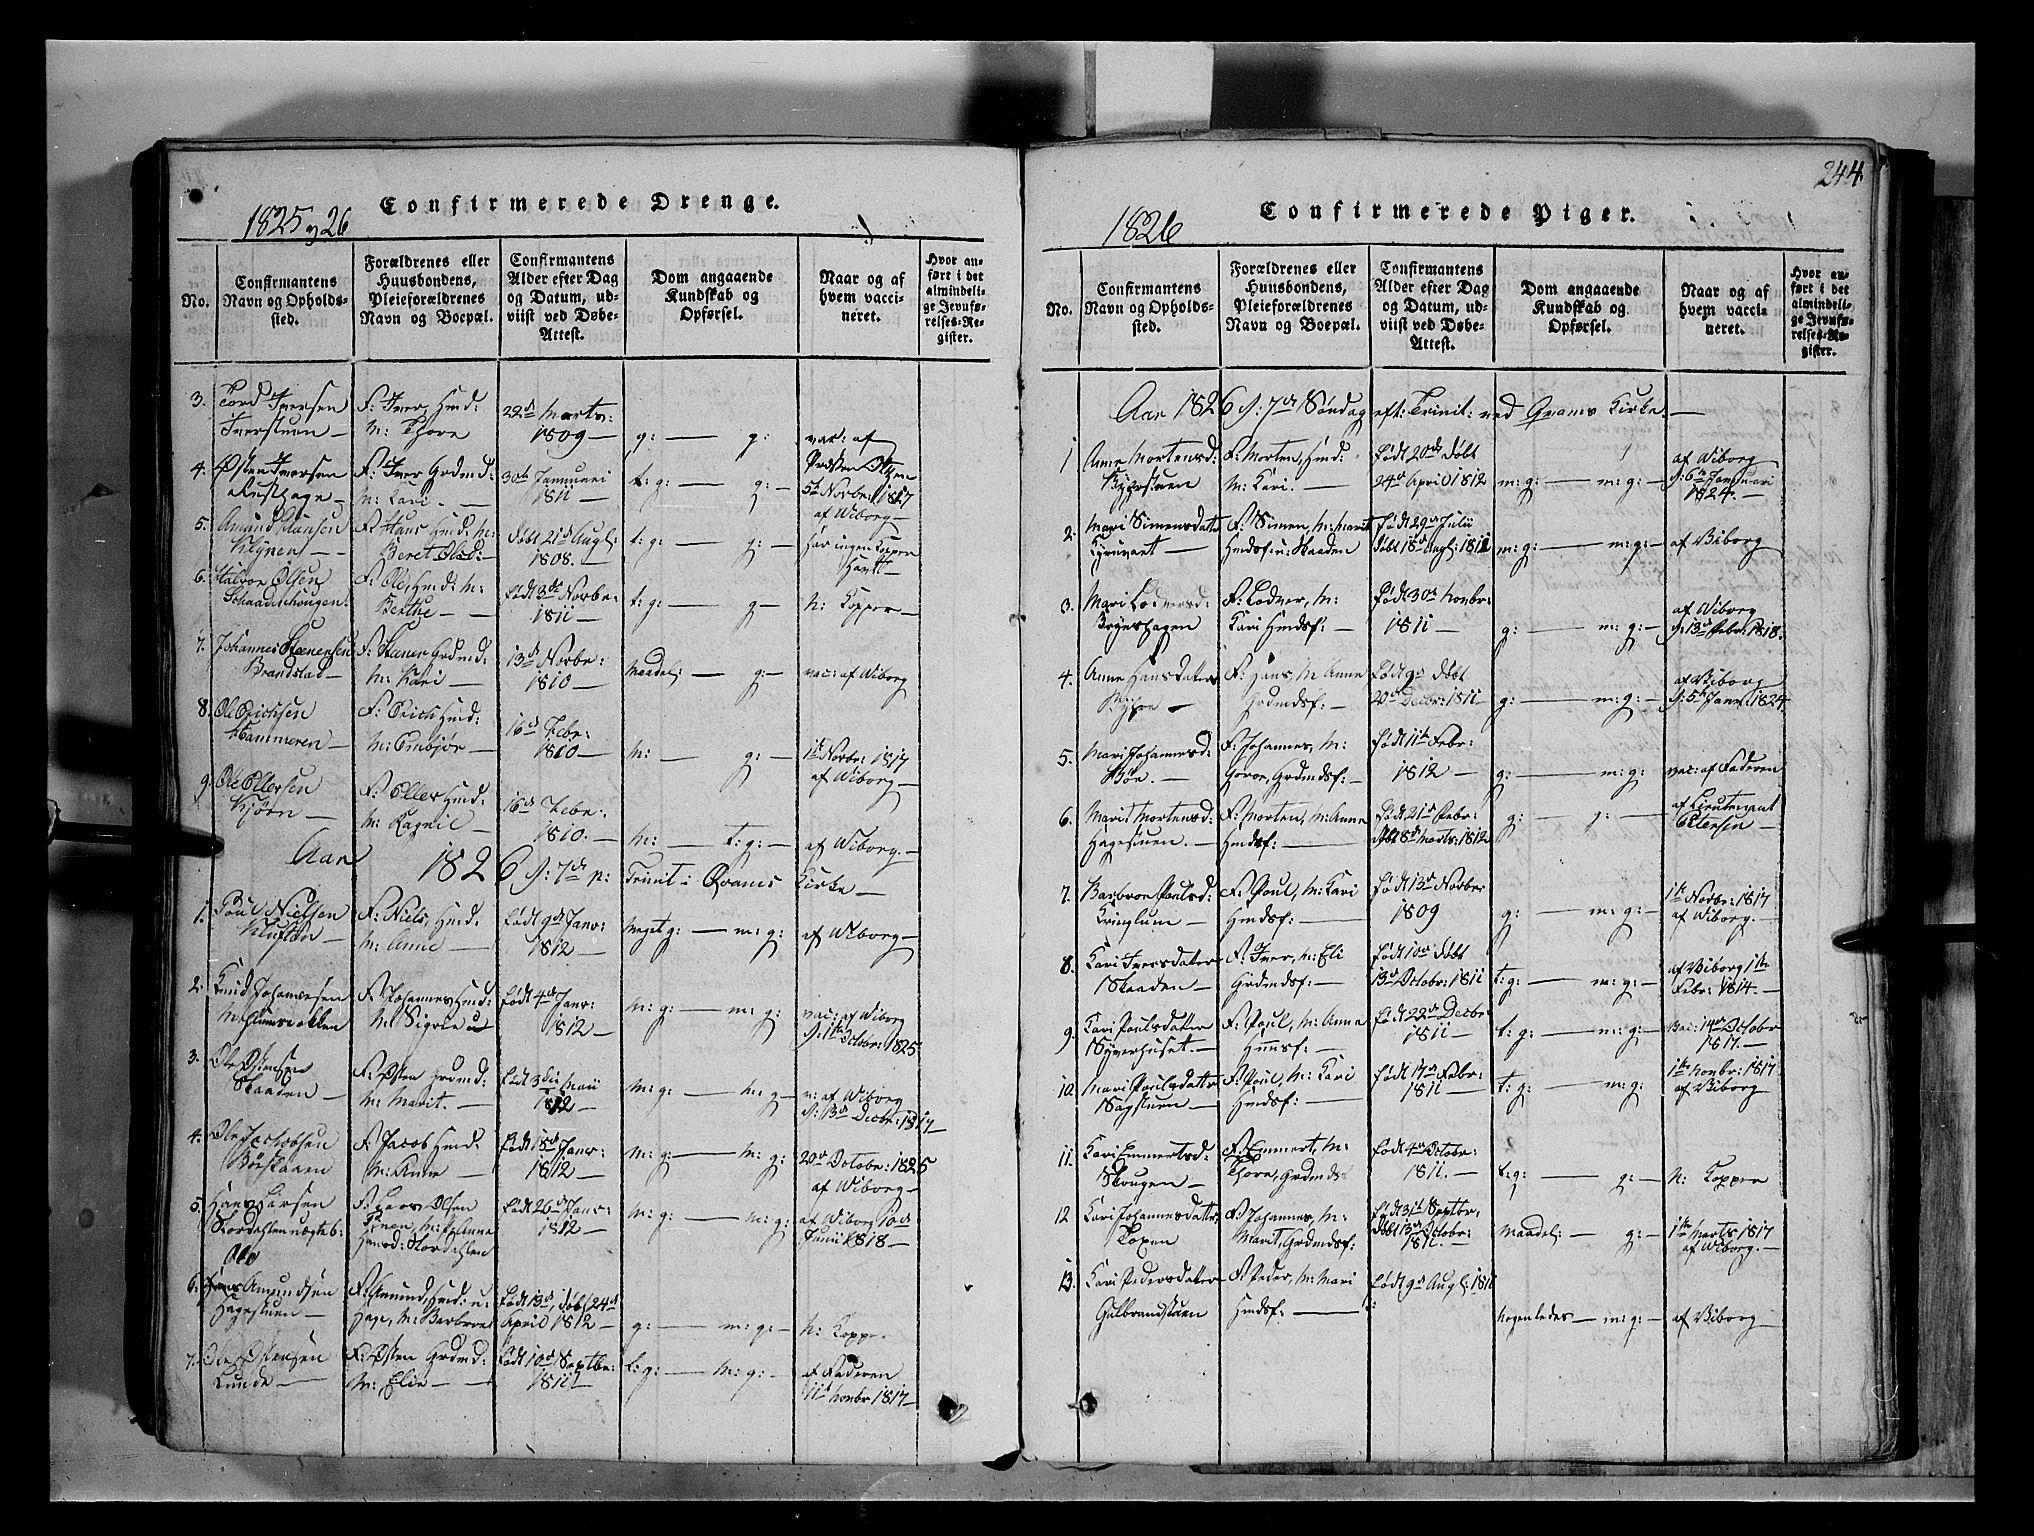 SAH, Fron prestekontor, H/Ha/Hab/L0004: Parish register (copy) no. 4, 1816-1850, p. 244